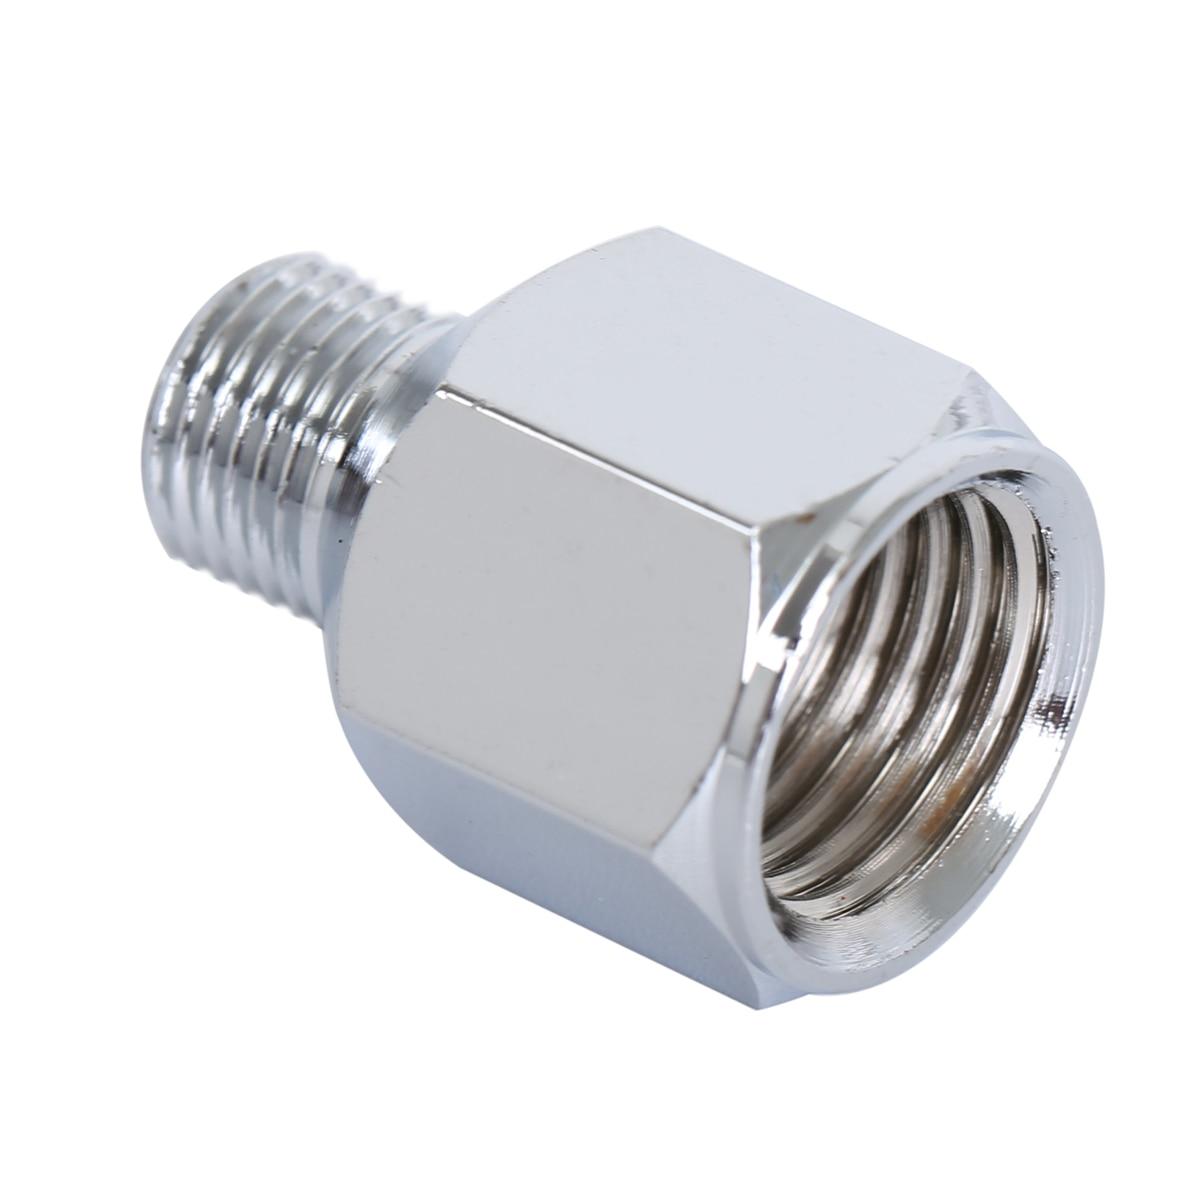 1x Mini Airbrush Air Hose Adapter Connector 1/4 BSP Female To 1/8 BSP Male Spray Gun Air Hose Quick Coupler Adaptor